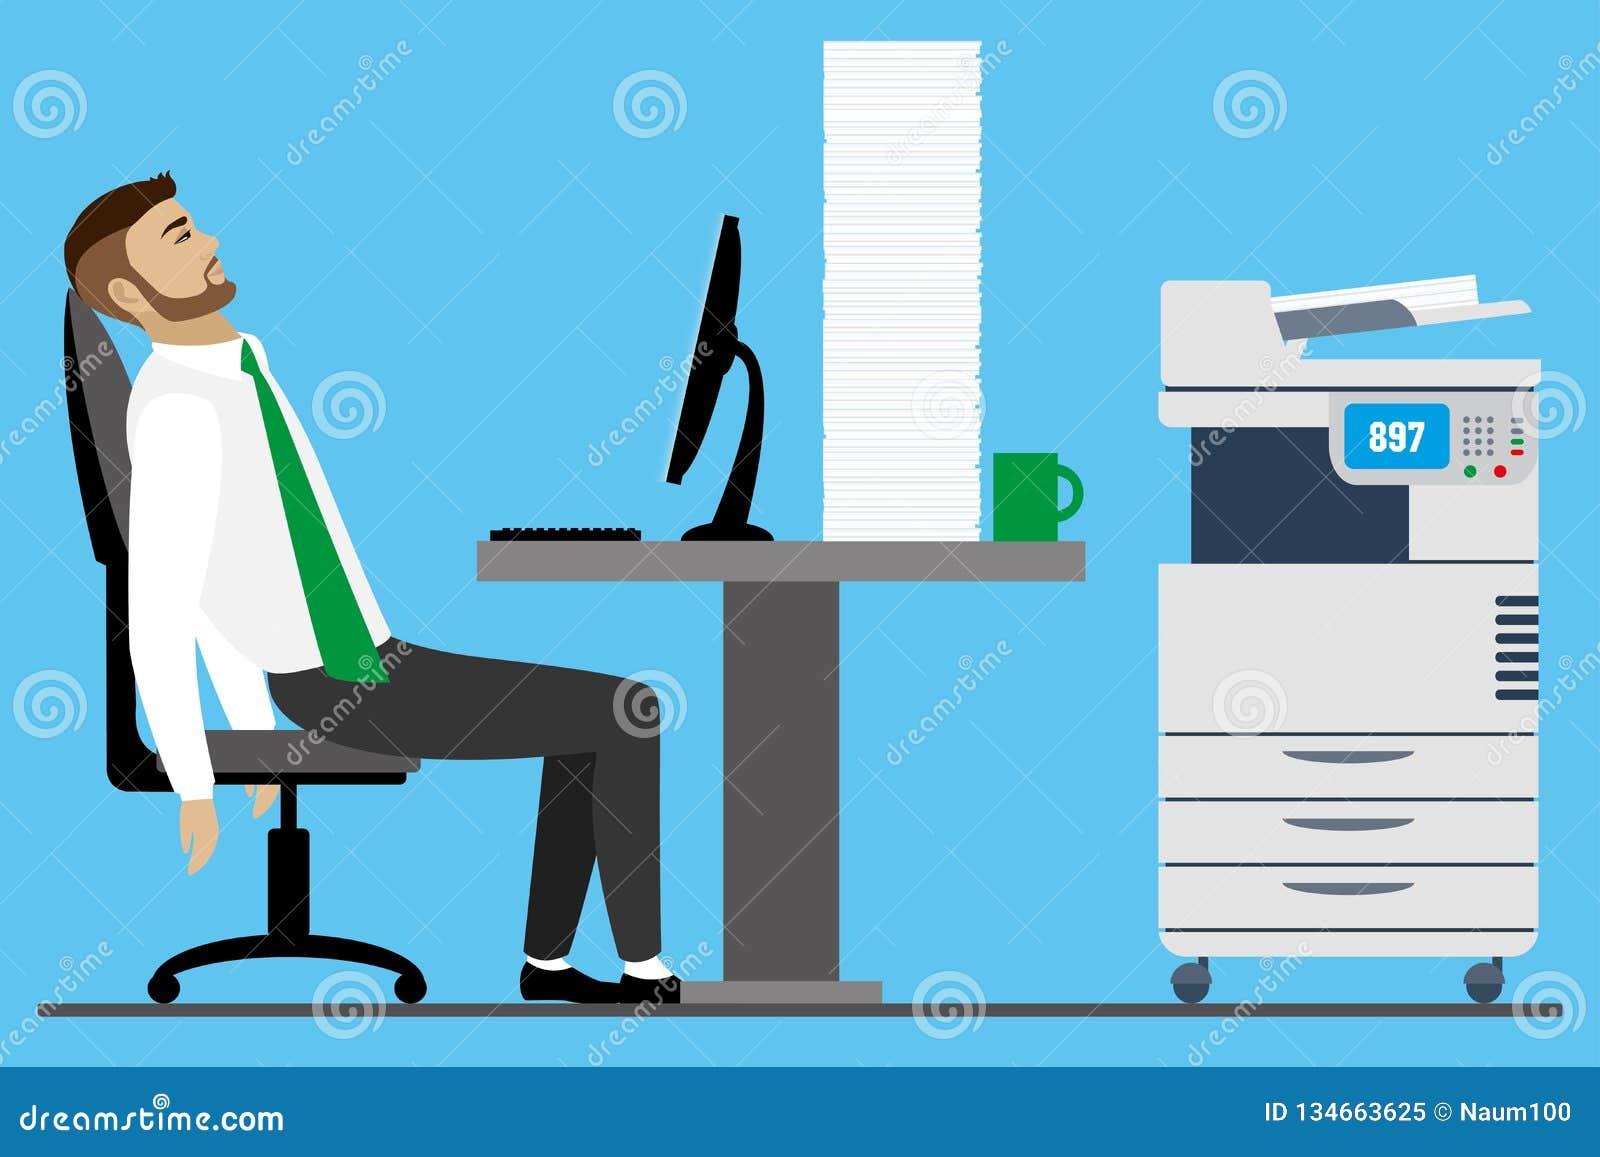 Hombre de negocios u oficinista caucásico con exceso de trabajo y cansado